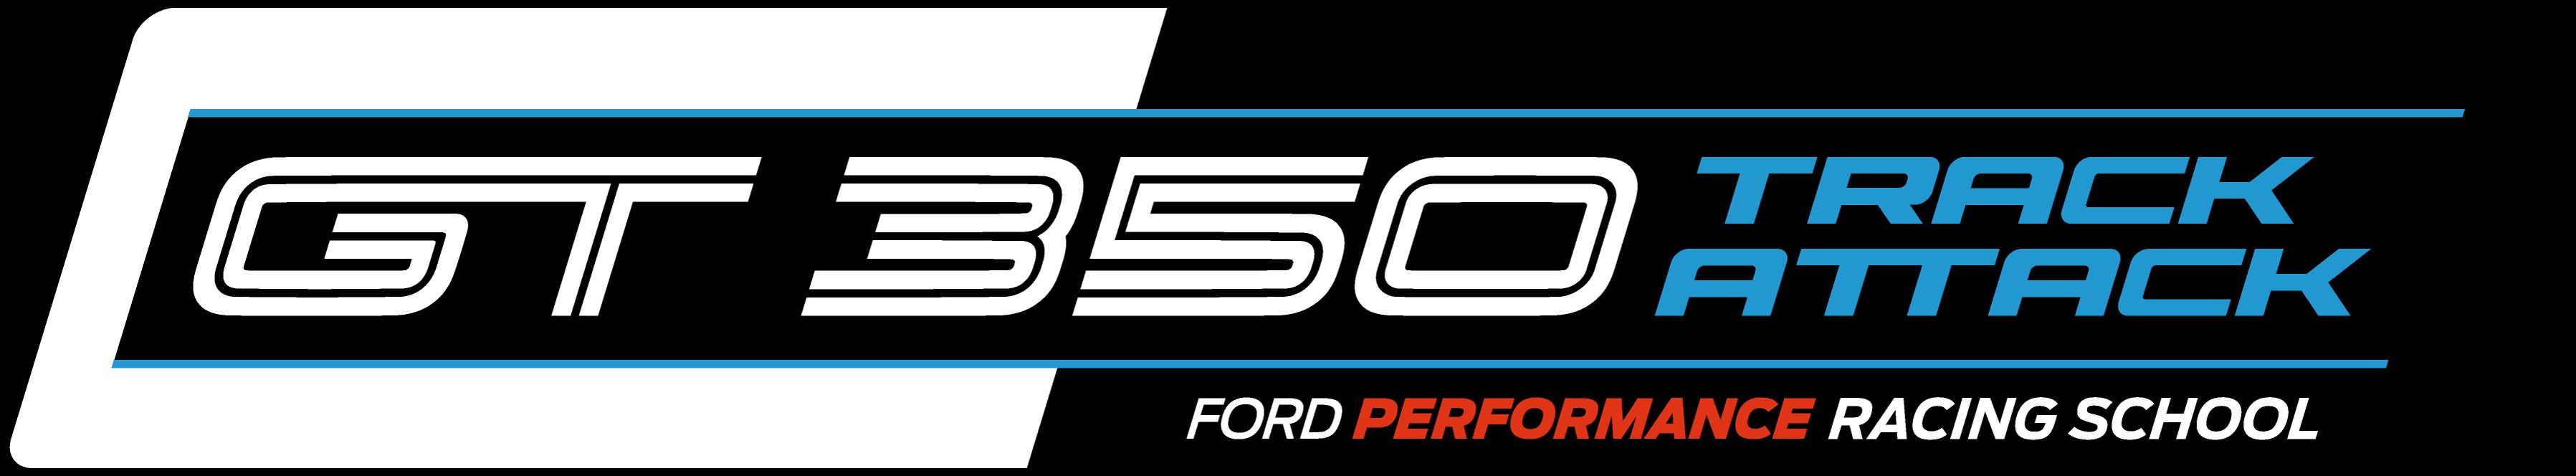 GT350 Track Attack Logo